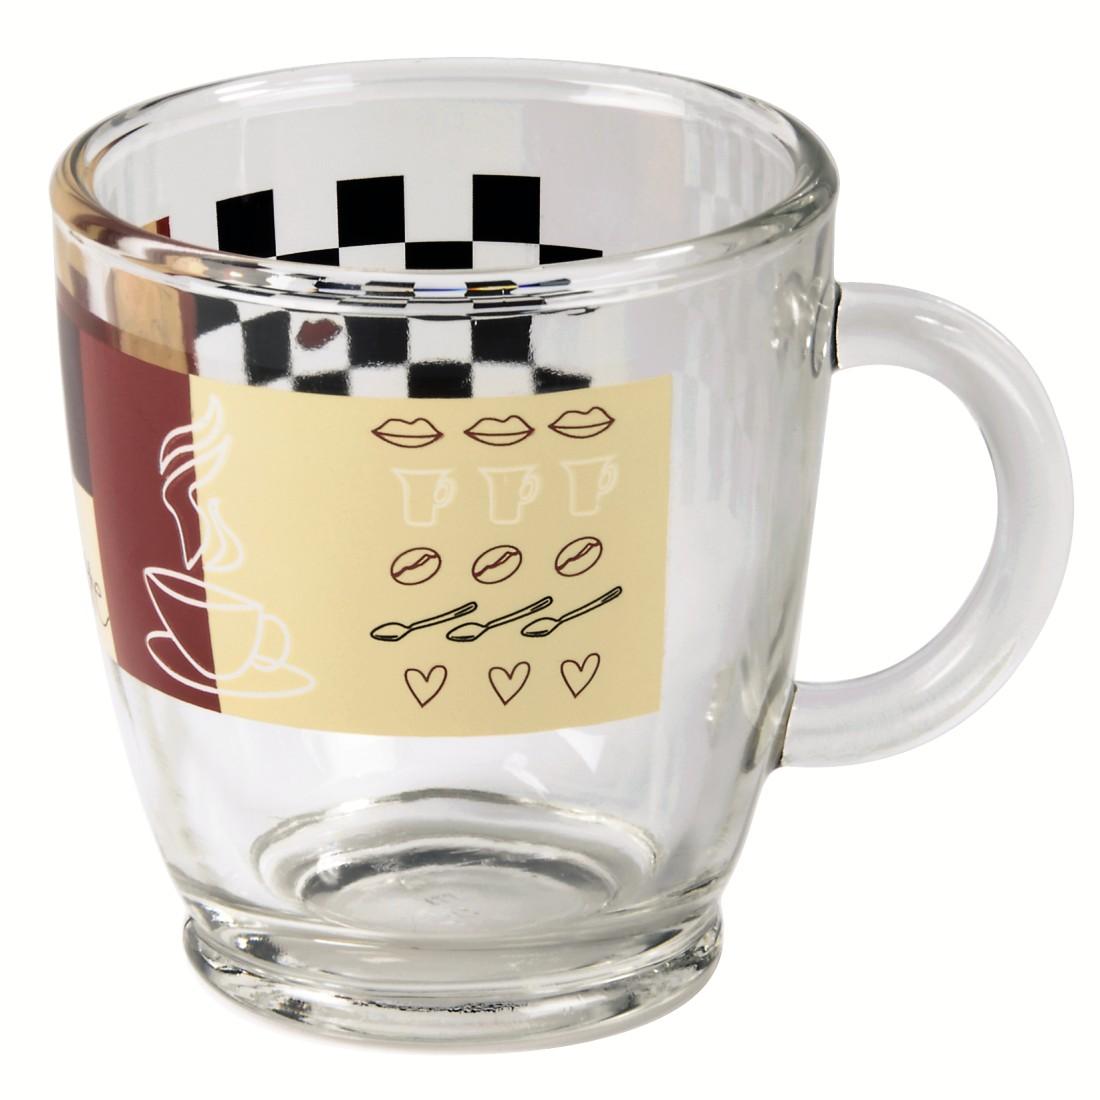 00111084 xavax kaffeetasse aus glas mit dekor 6 st ck. Black Bedroom Furniture Sets. Home Design Ideas